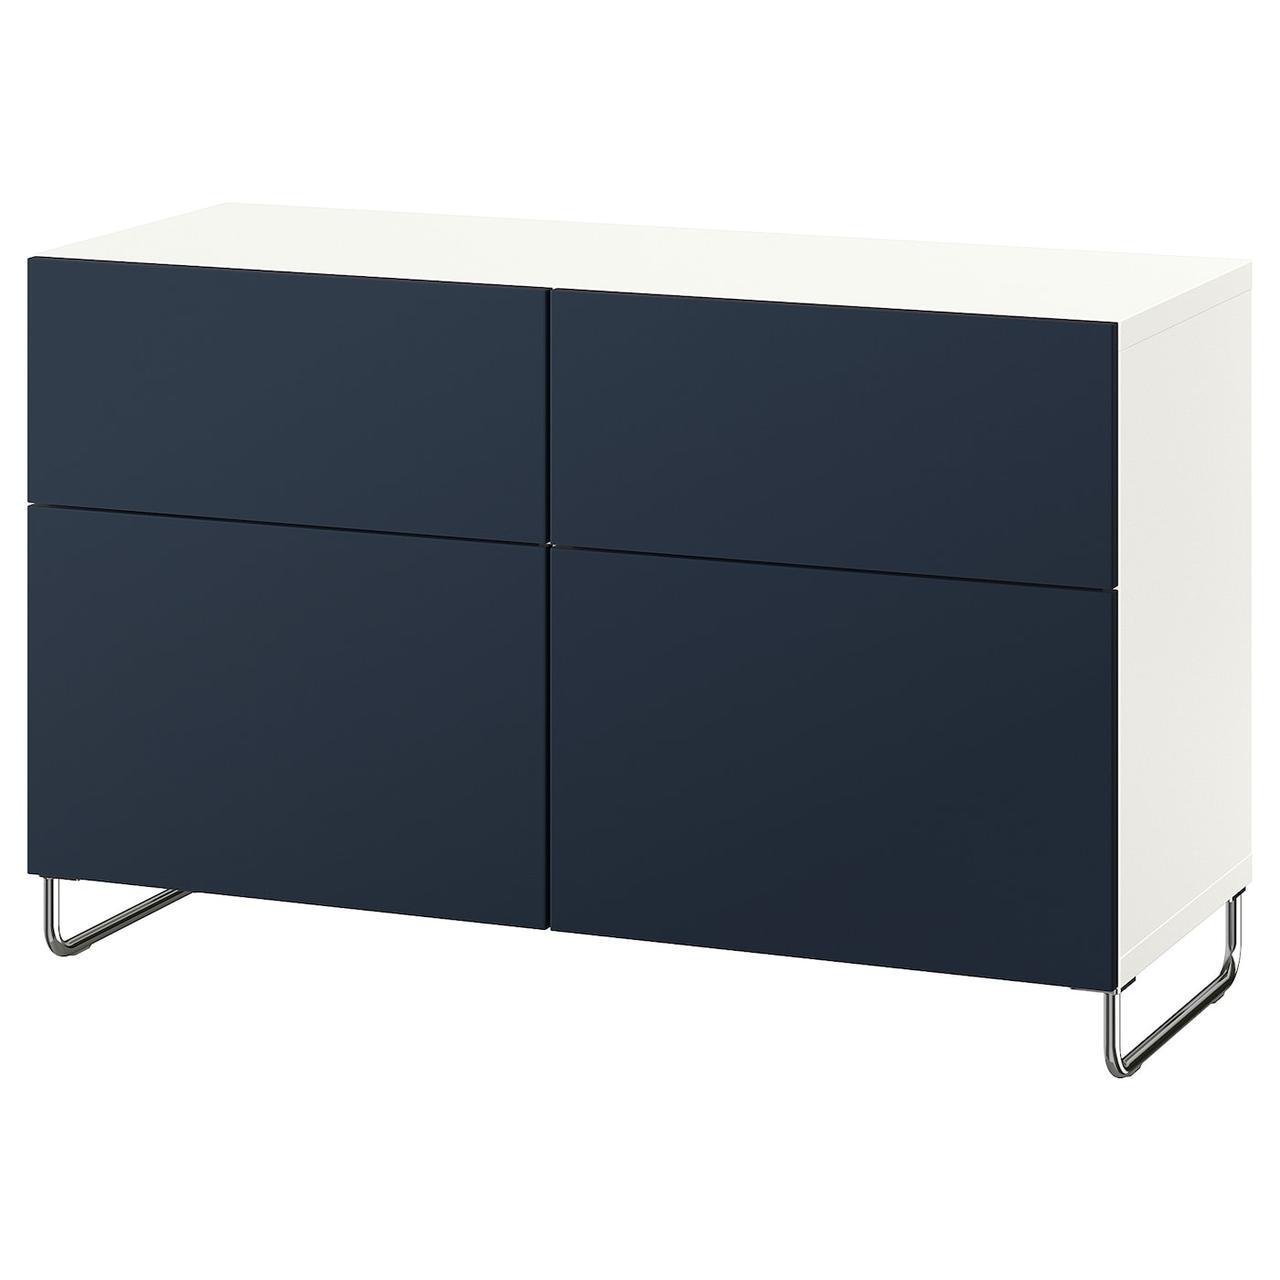 IKEA BESTA Тумба под телевизор 120x42x74 cm (992.990.20), фото 1